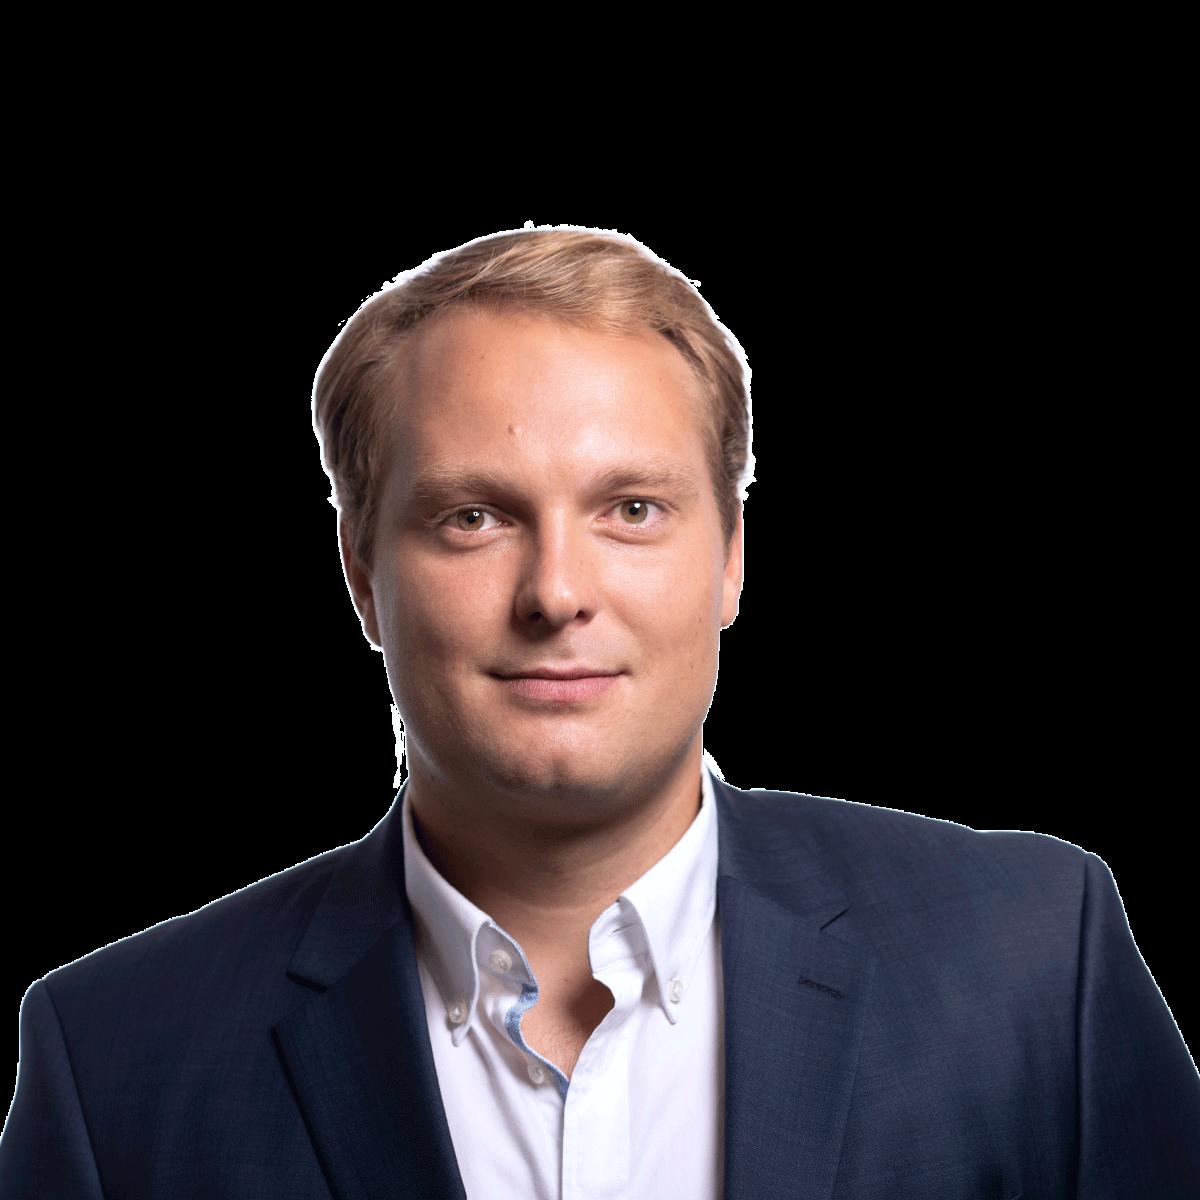 Portrait von Florian Grimmer